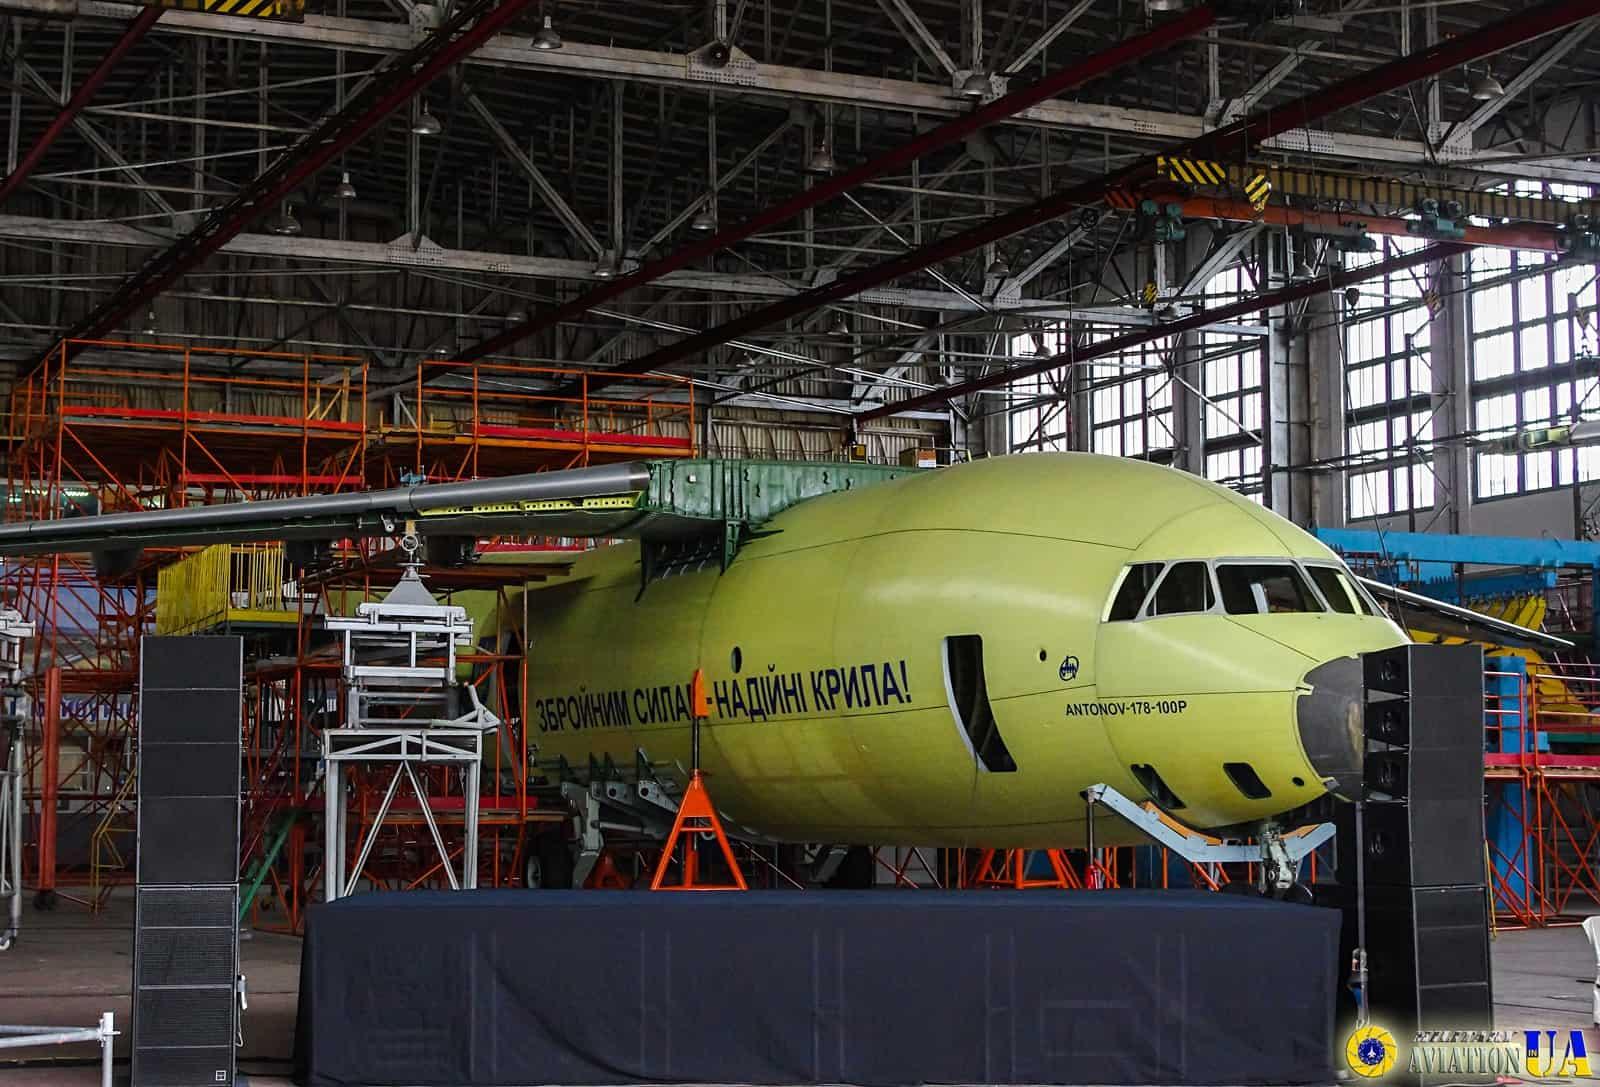 Процес будівництва Ан-178-100 для Повітряних сил ЗСУ